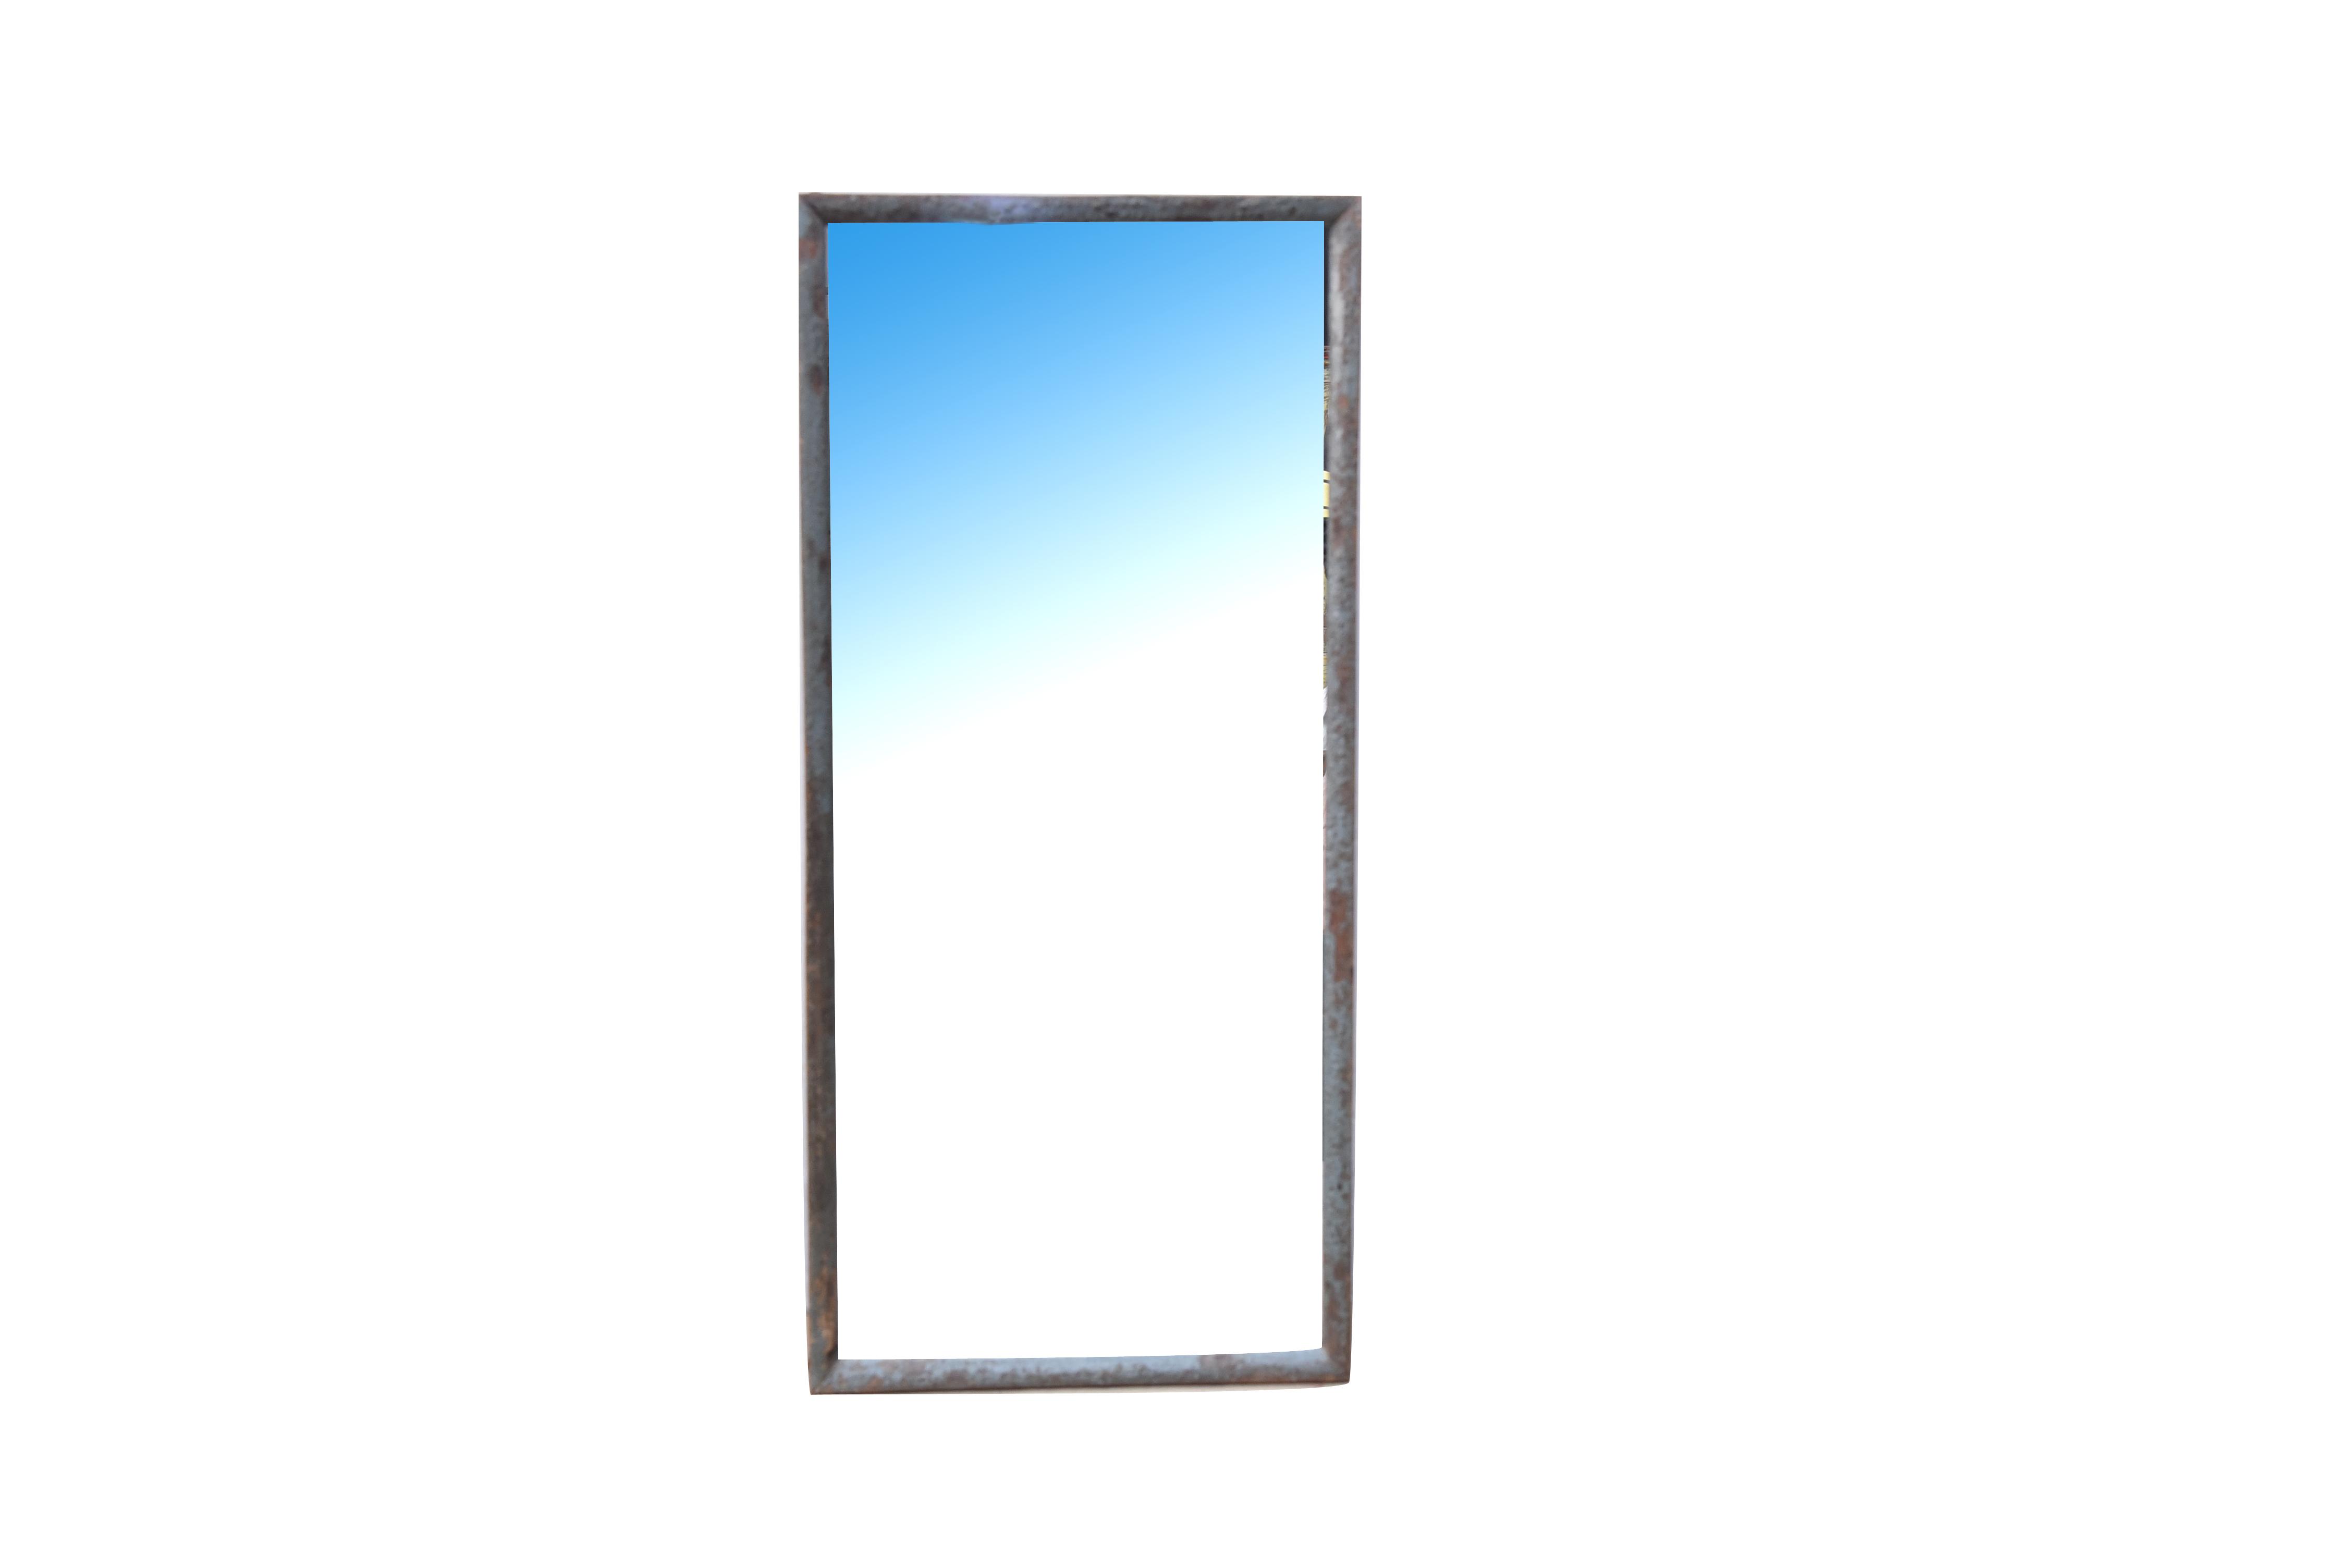 ANJO1841 - 50 x 3 x 108 cm